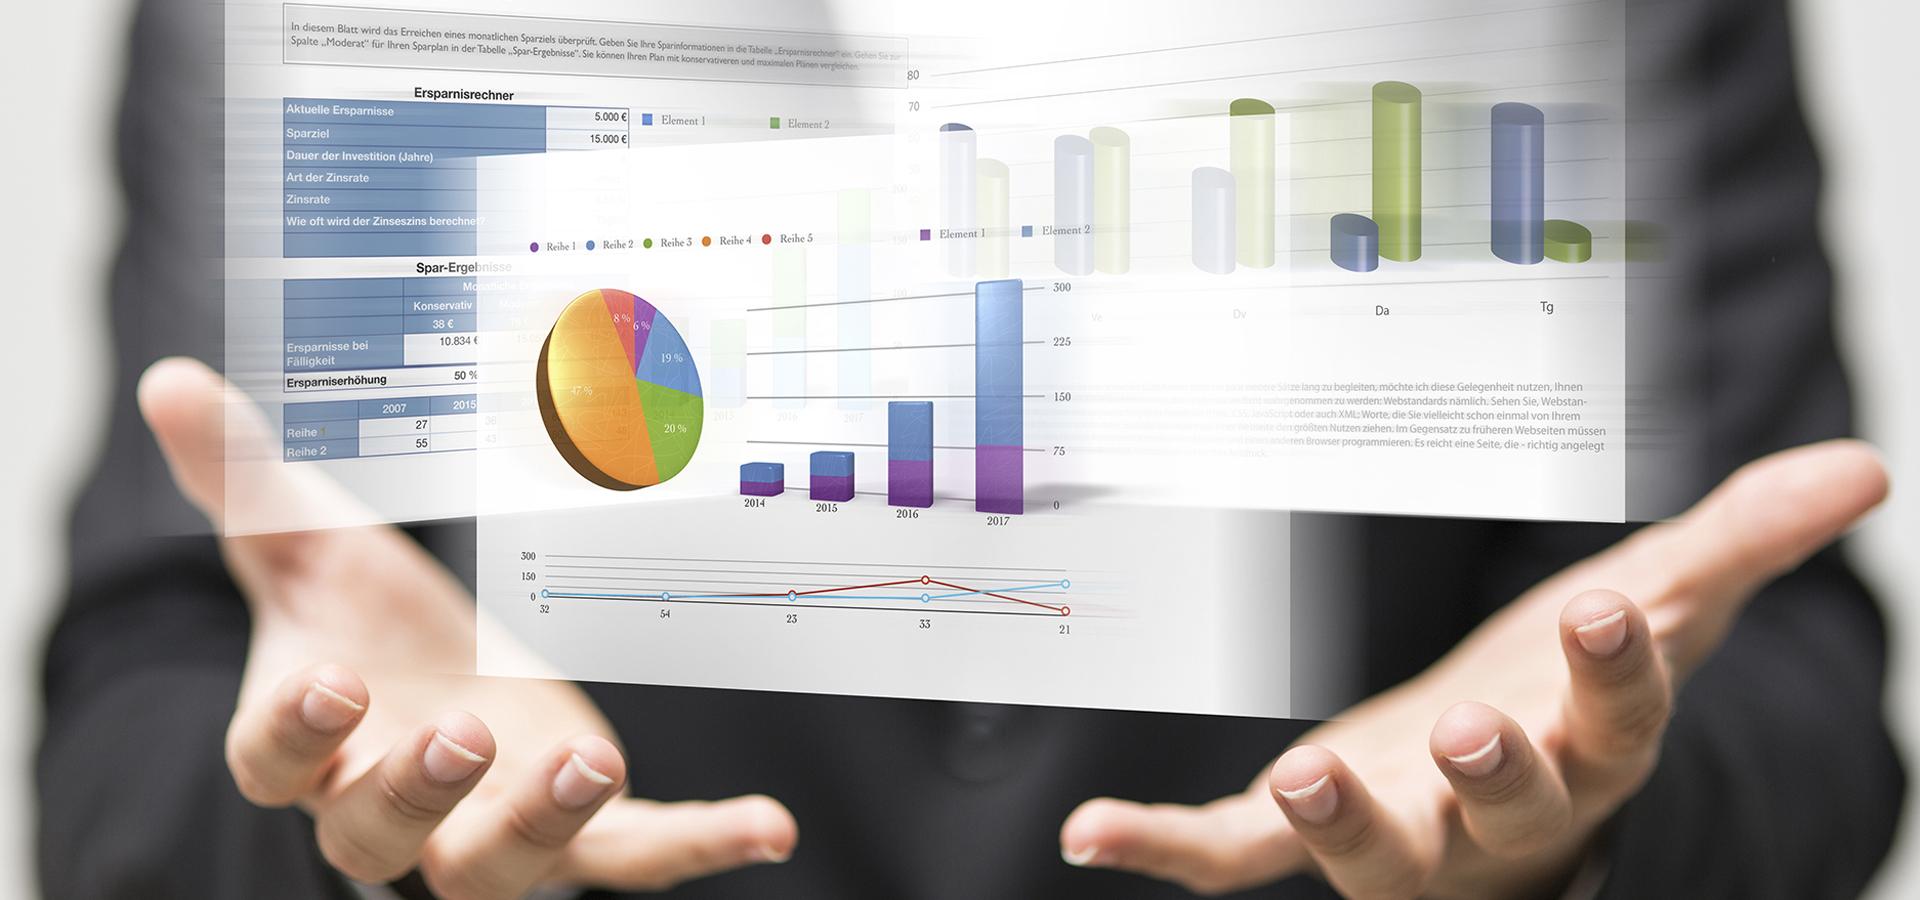 各行业广告竞争强度怎么分析?竞品广告分析方法